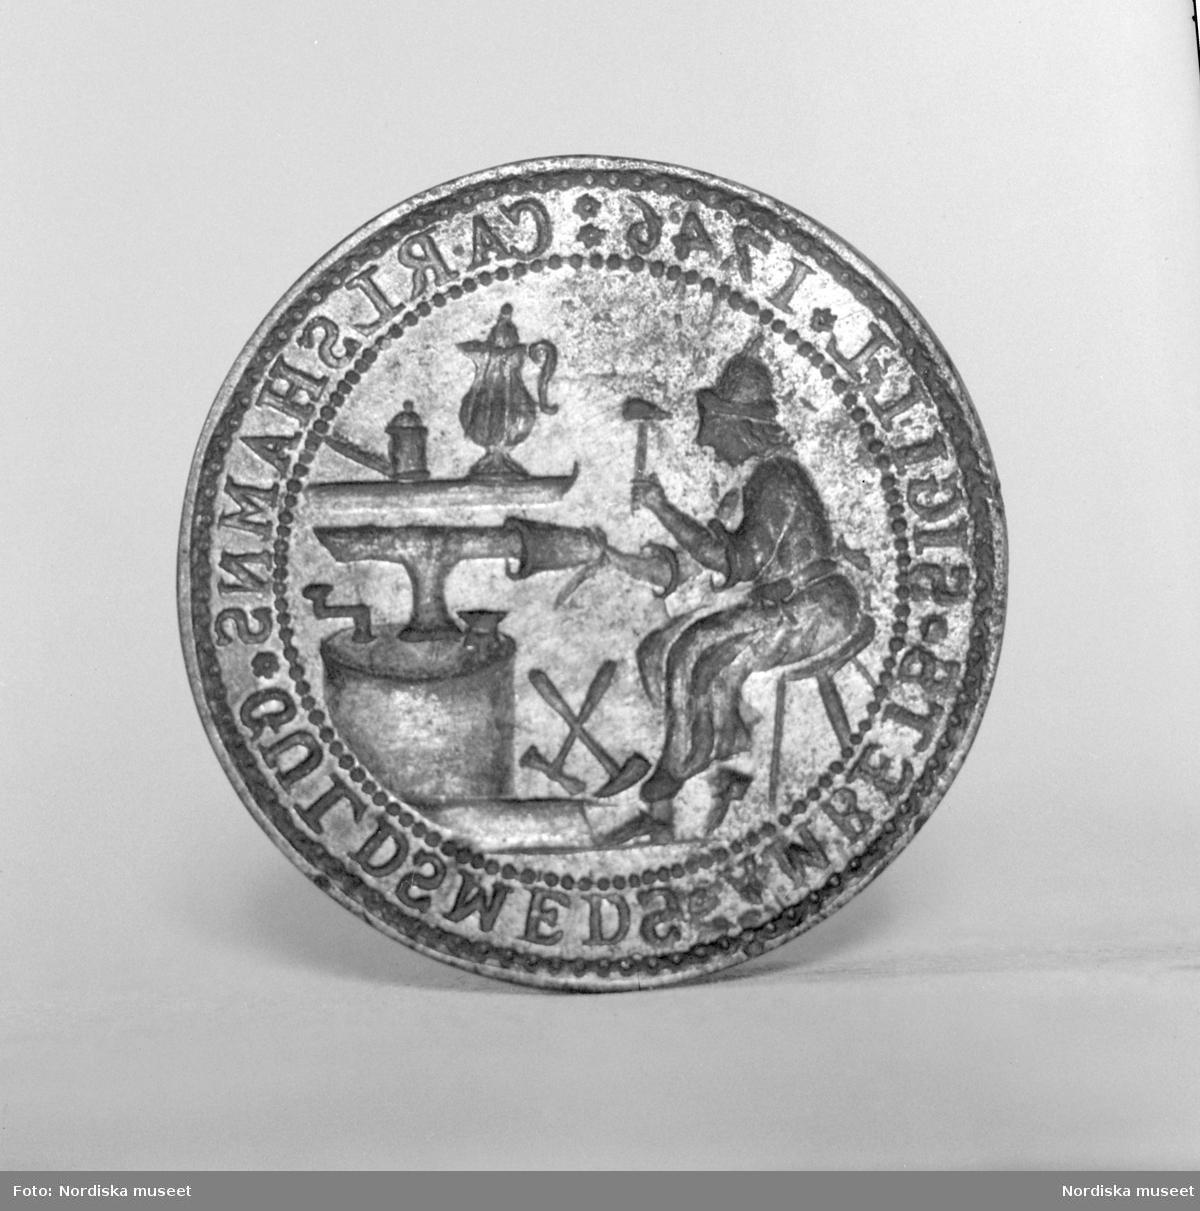 Sigillstamp av järn från 1746 som tillhört Karlshamns guldsmedsämbete. På stampen graverat en man sittande vid ett städ hamrande på en bägare. Runt kanten texten CARLSHAMNS GULDSMEDS ÄMBETS SIGILL 1746.